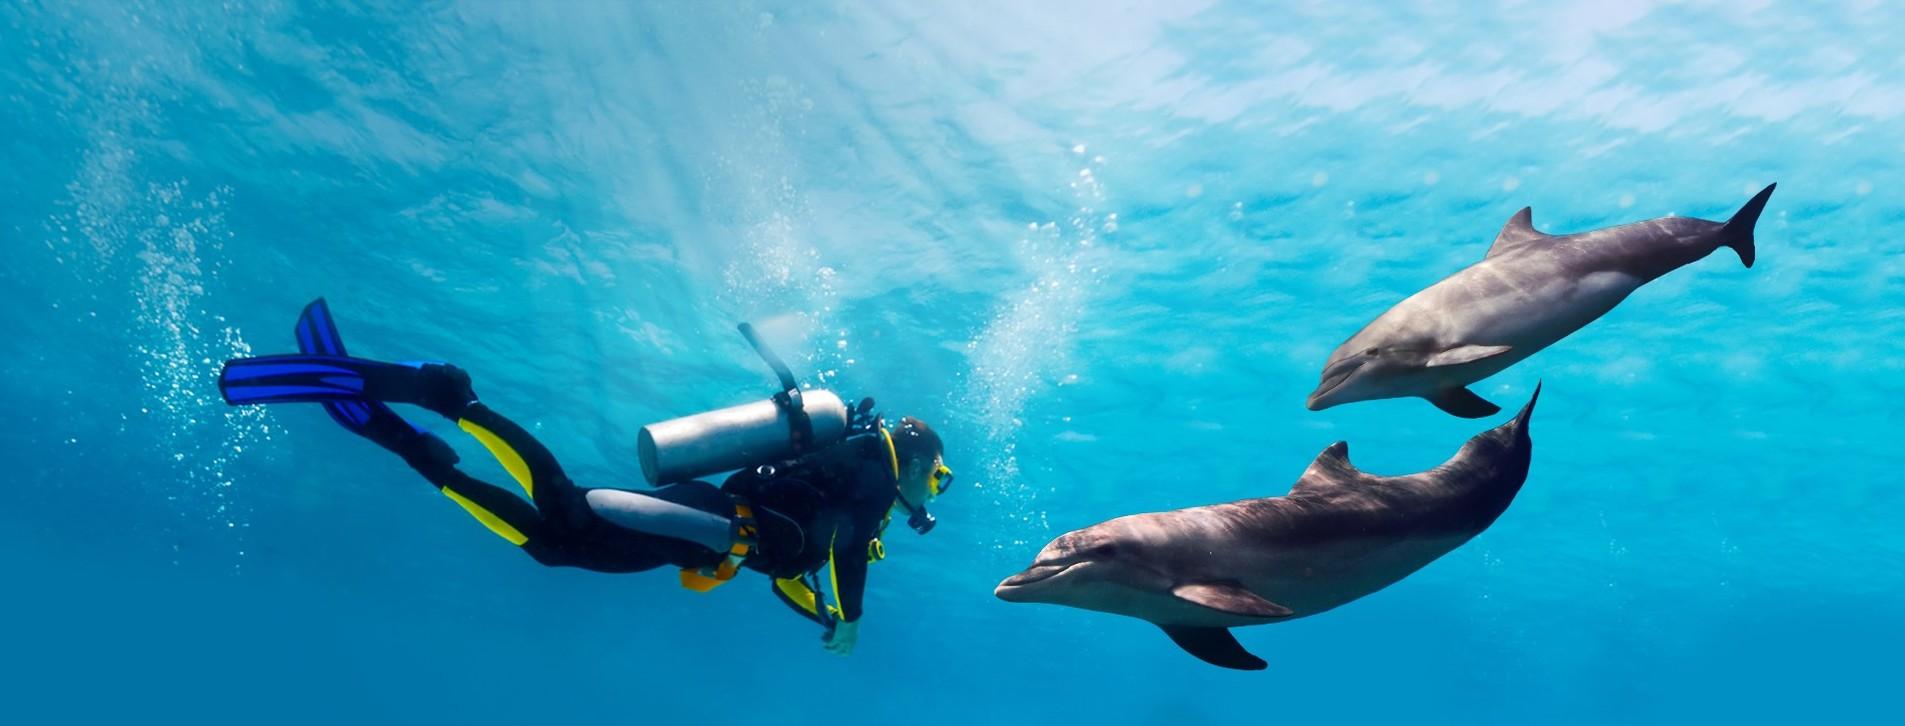 Фото - Дайвинг с дельфинами